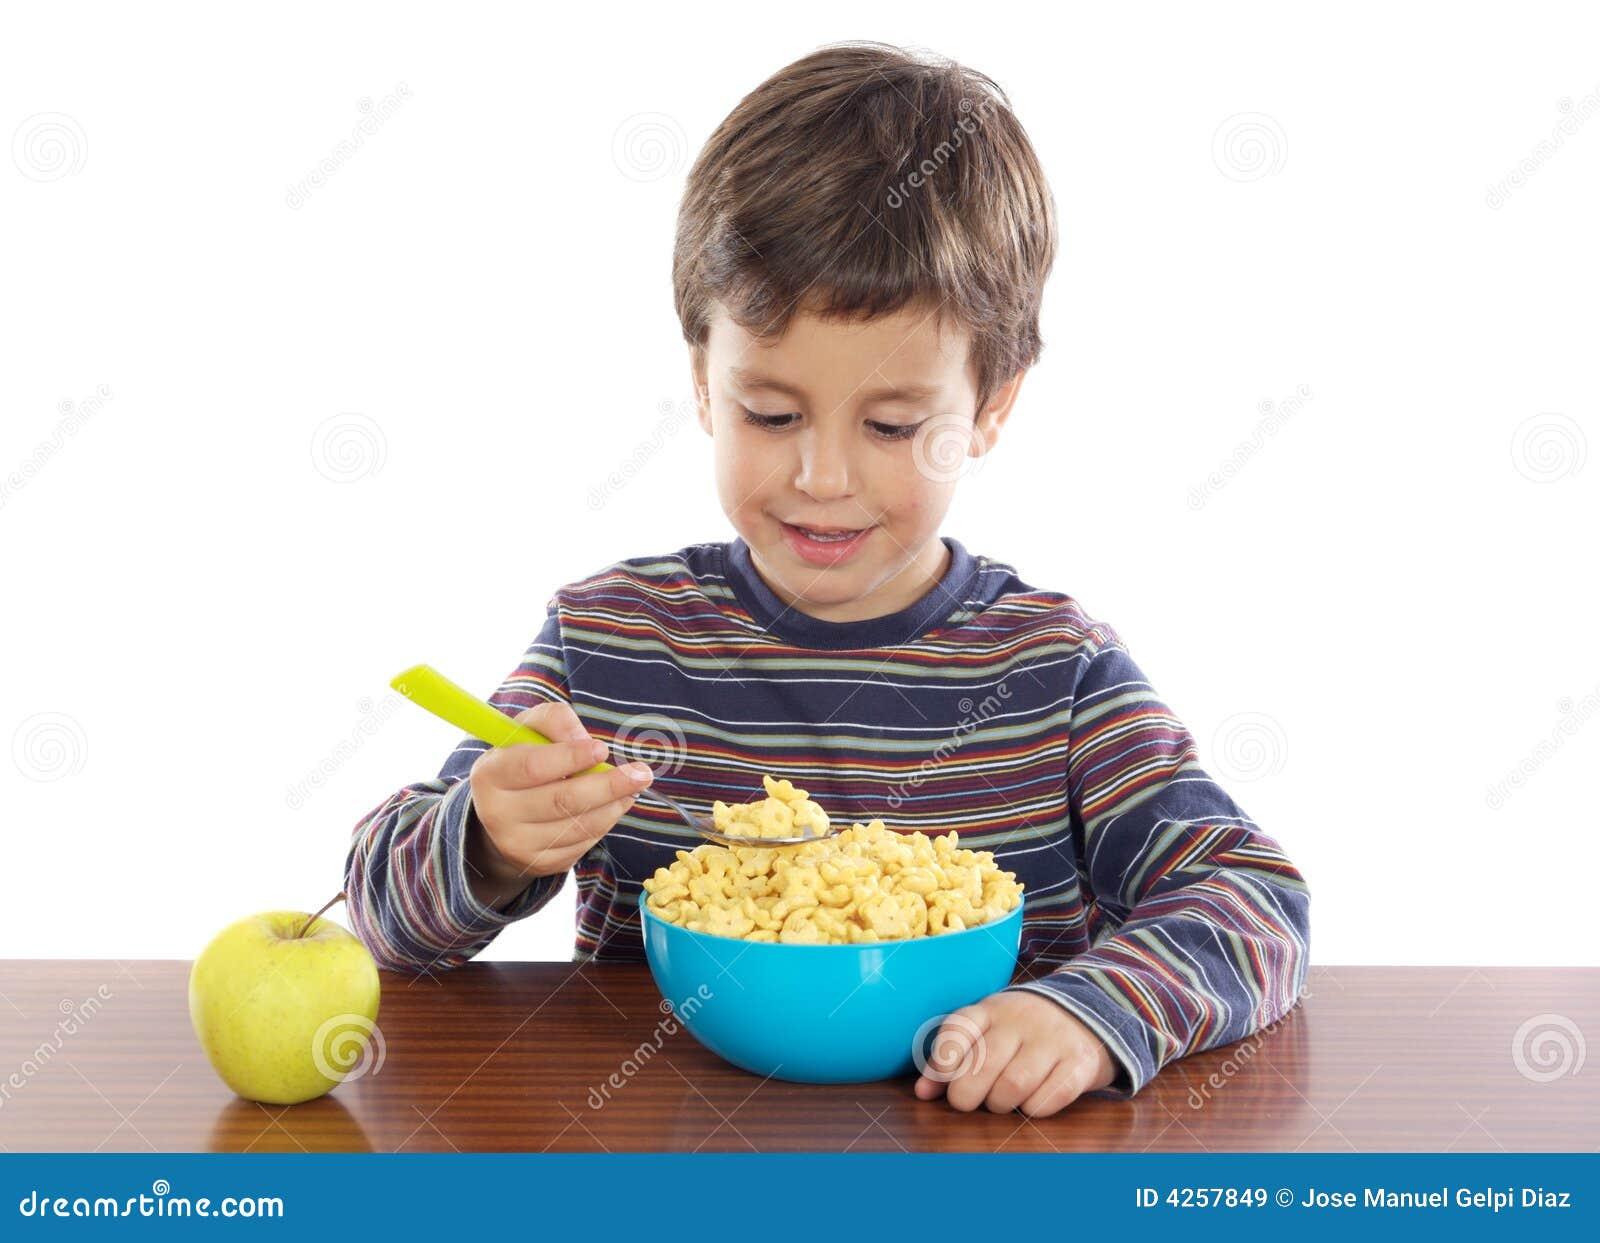 El Desayunar Del Niño Imágenes De Archivo Libres De